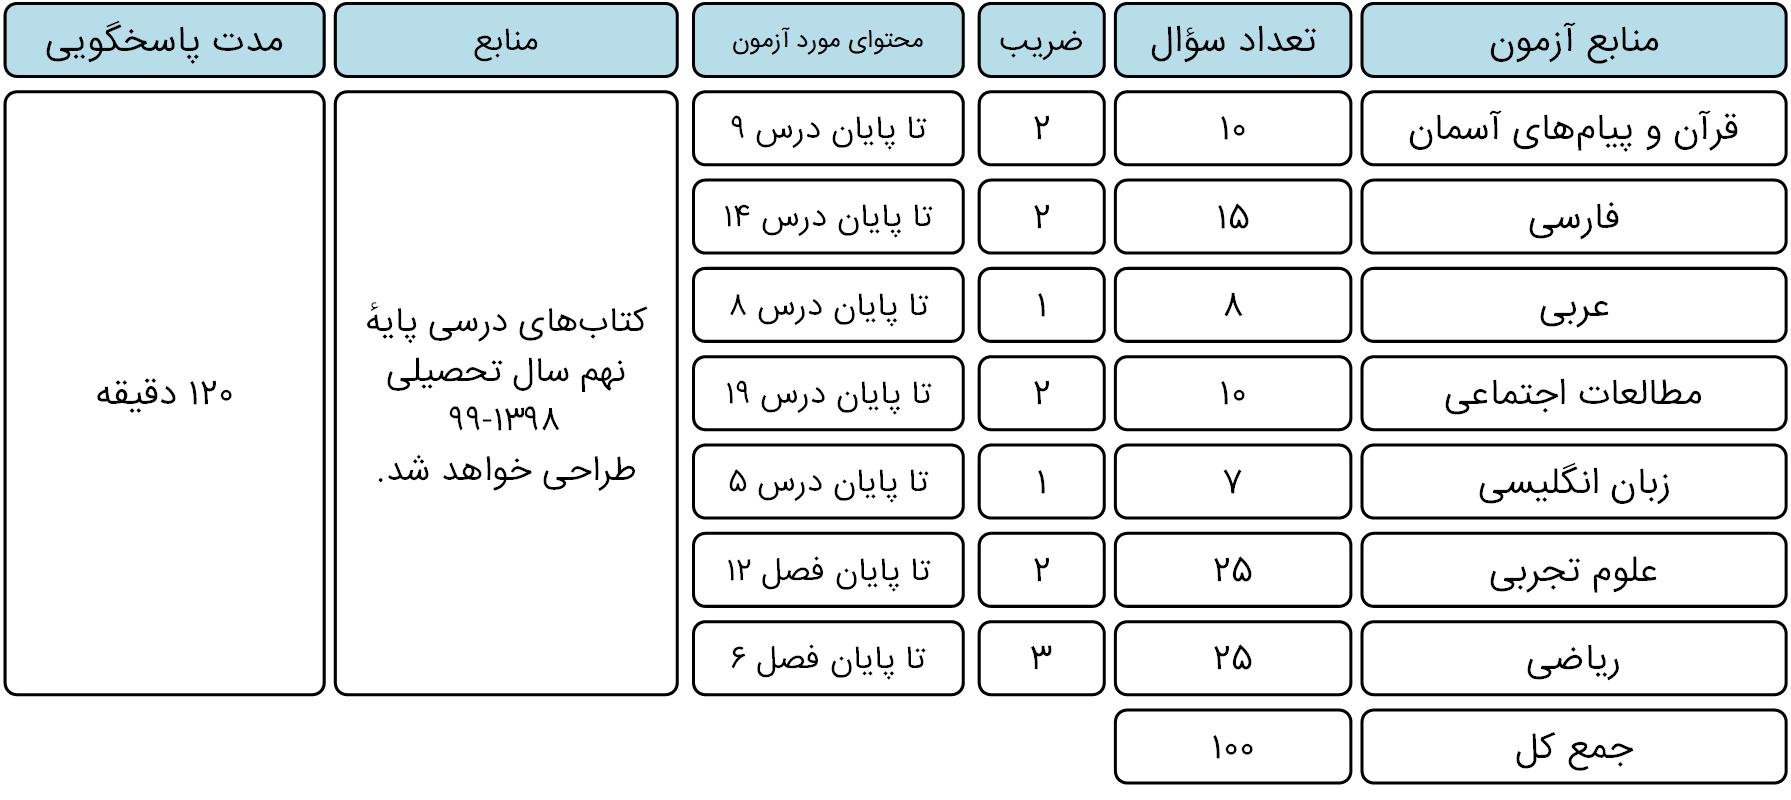 منابع آزمون نمونه دولتی 1400-1399